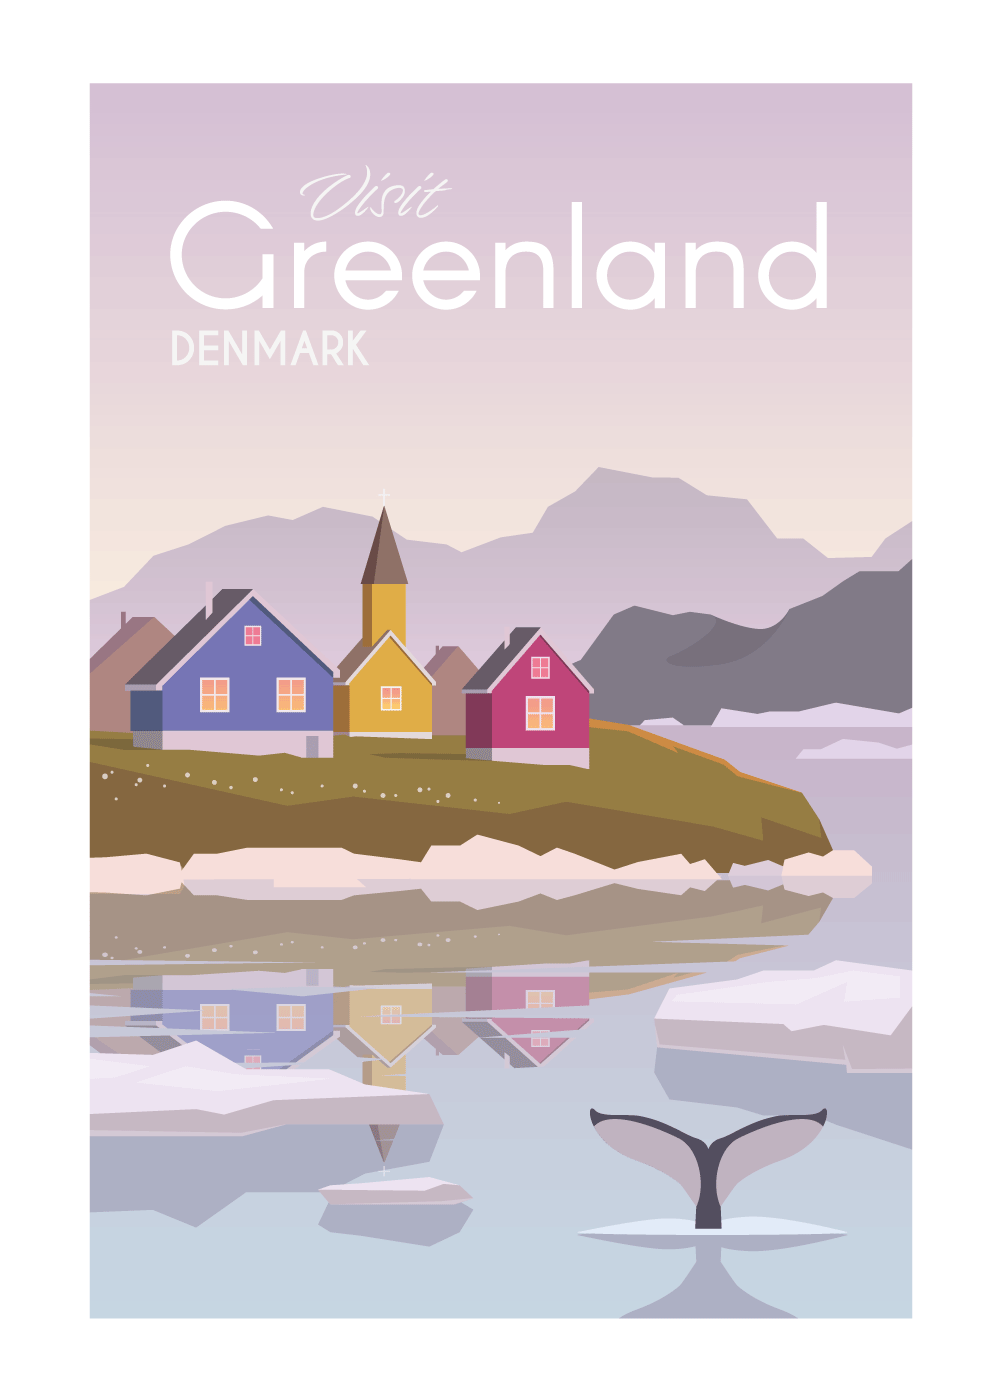 Visit Greenland - rejse plakat